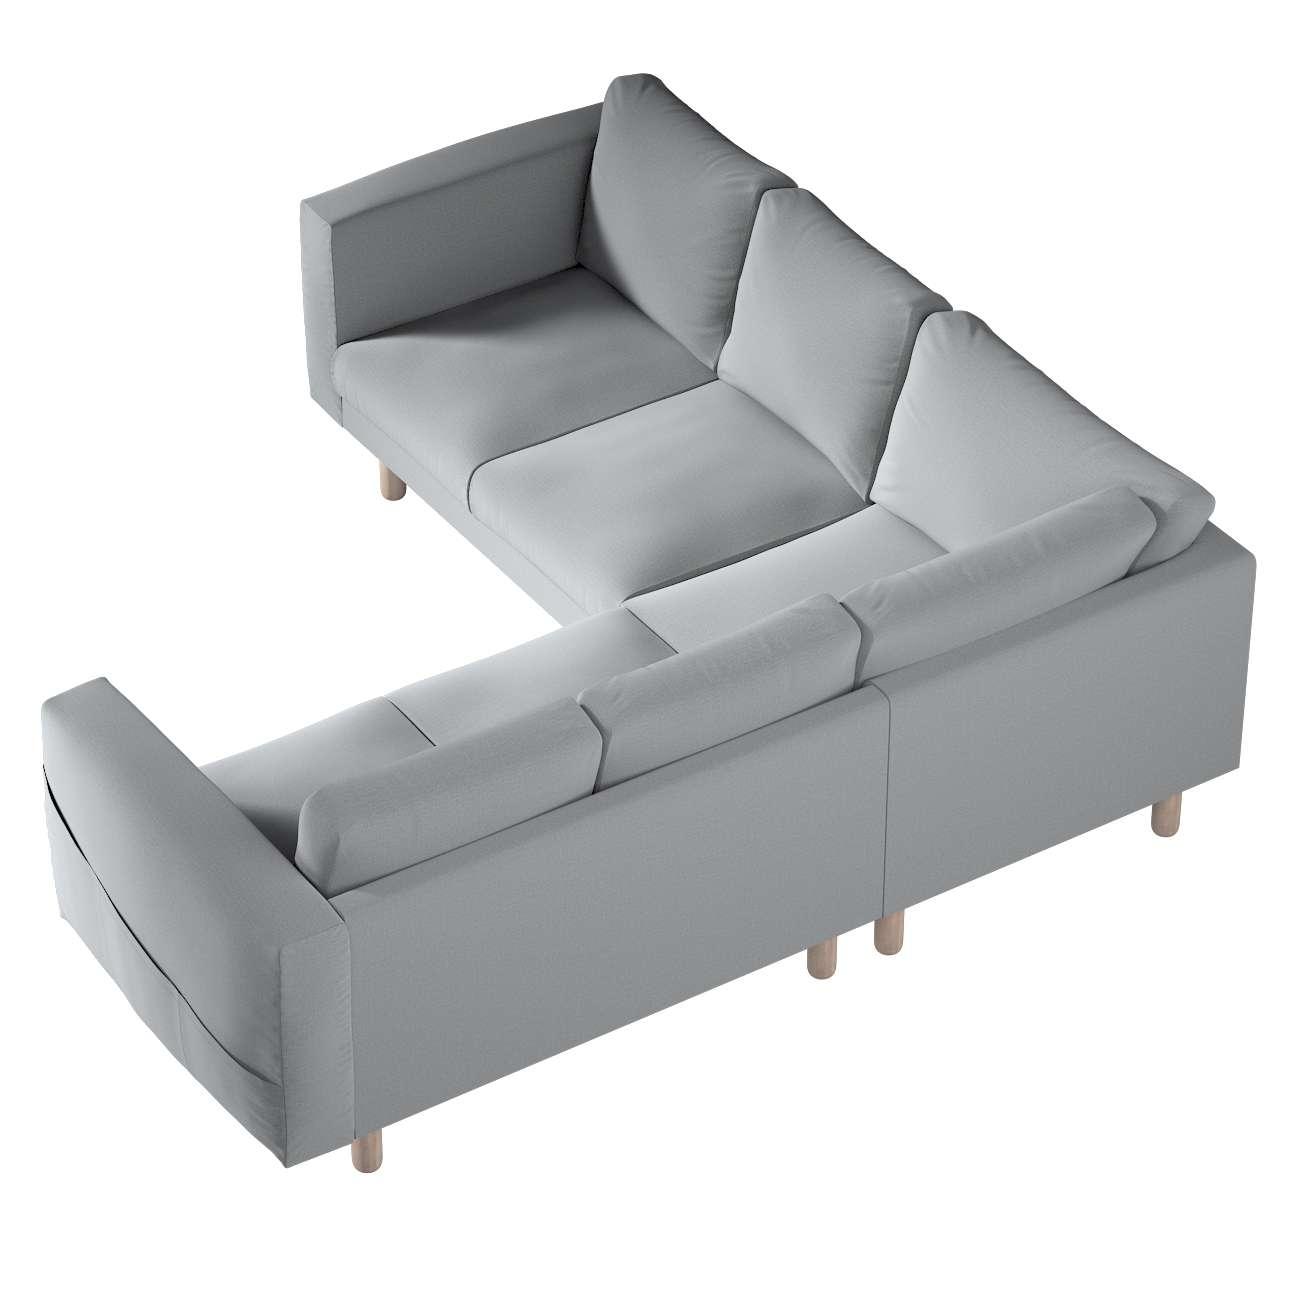 Pokrowiec na sofę narożną Norsborg 4-osobową w kolekcji Ingrid, tkanina: 705-42